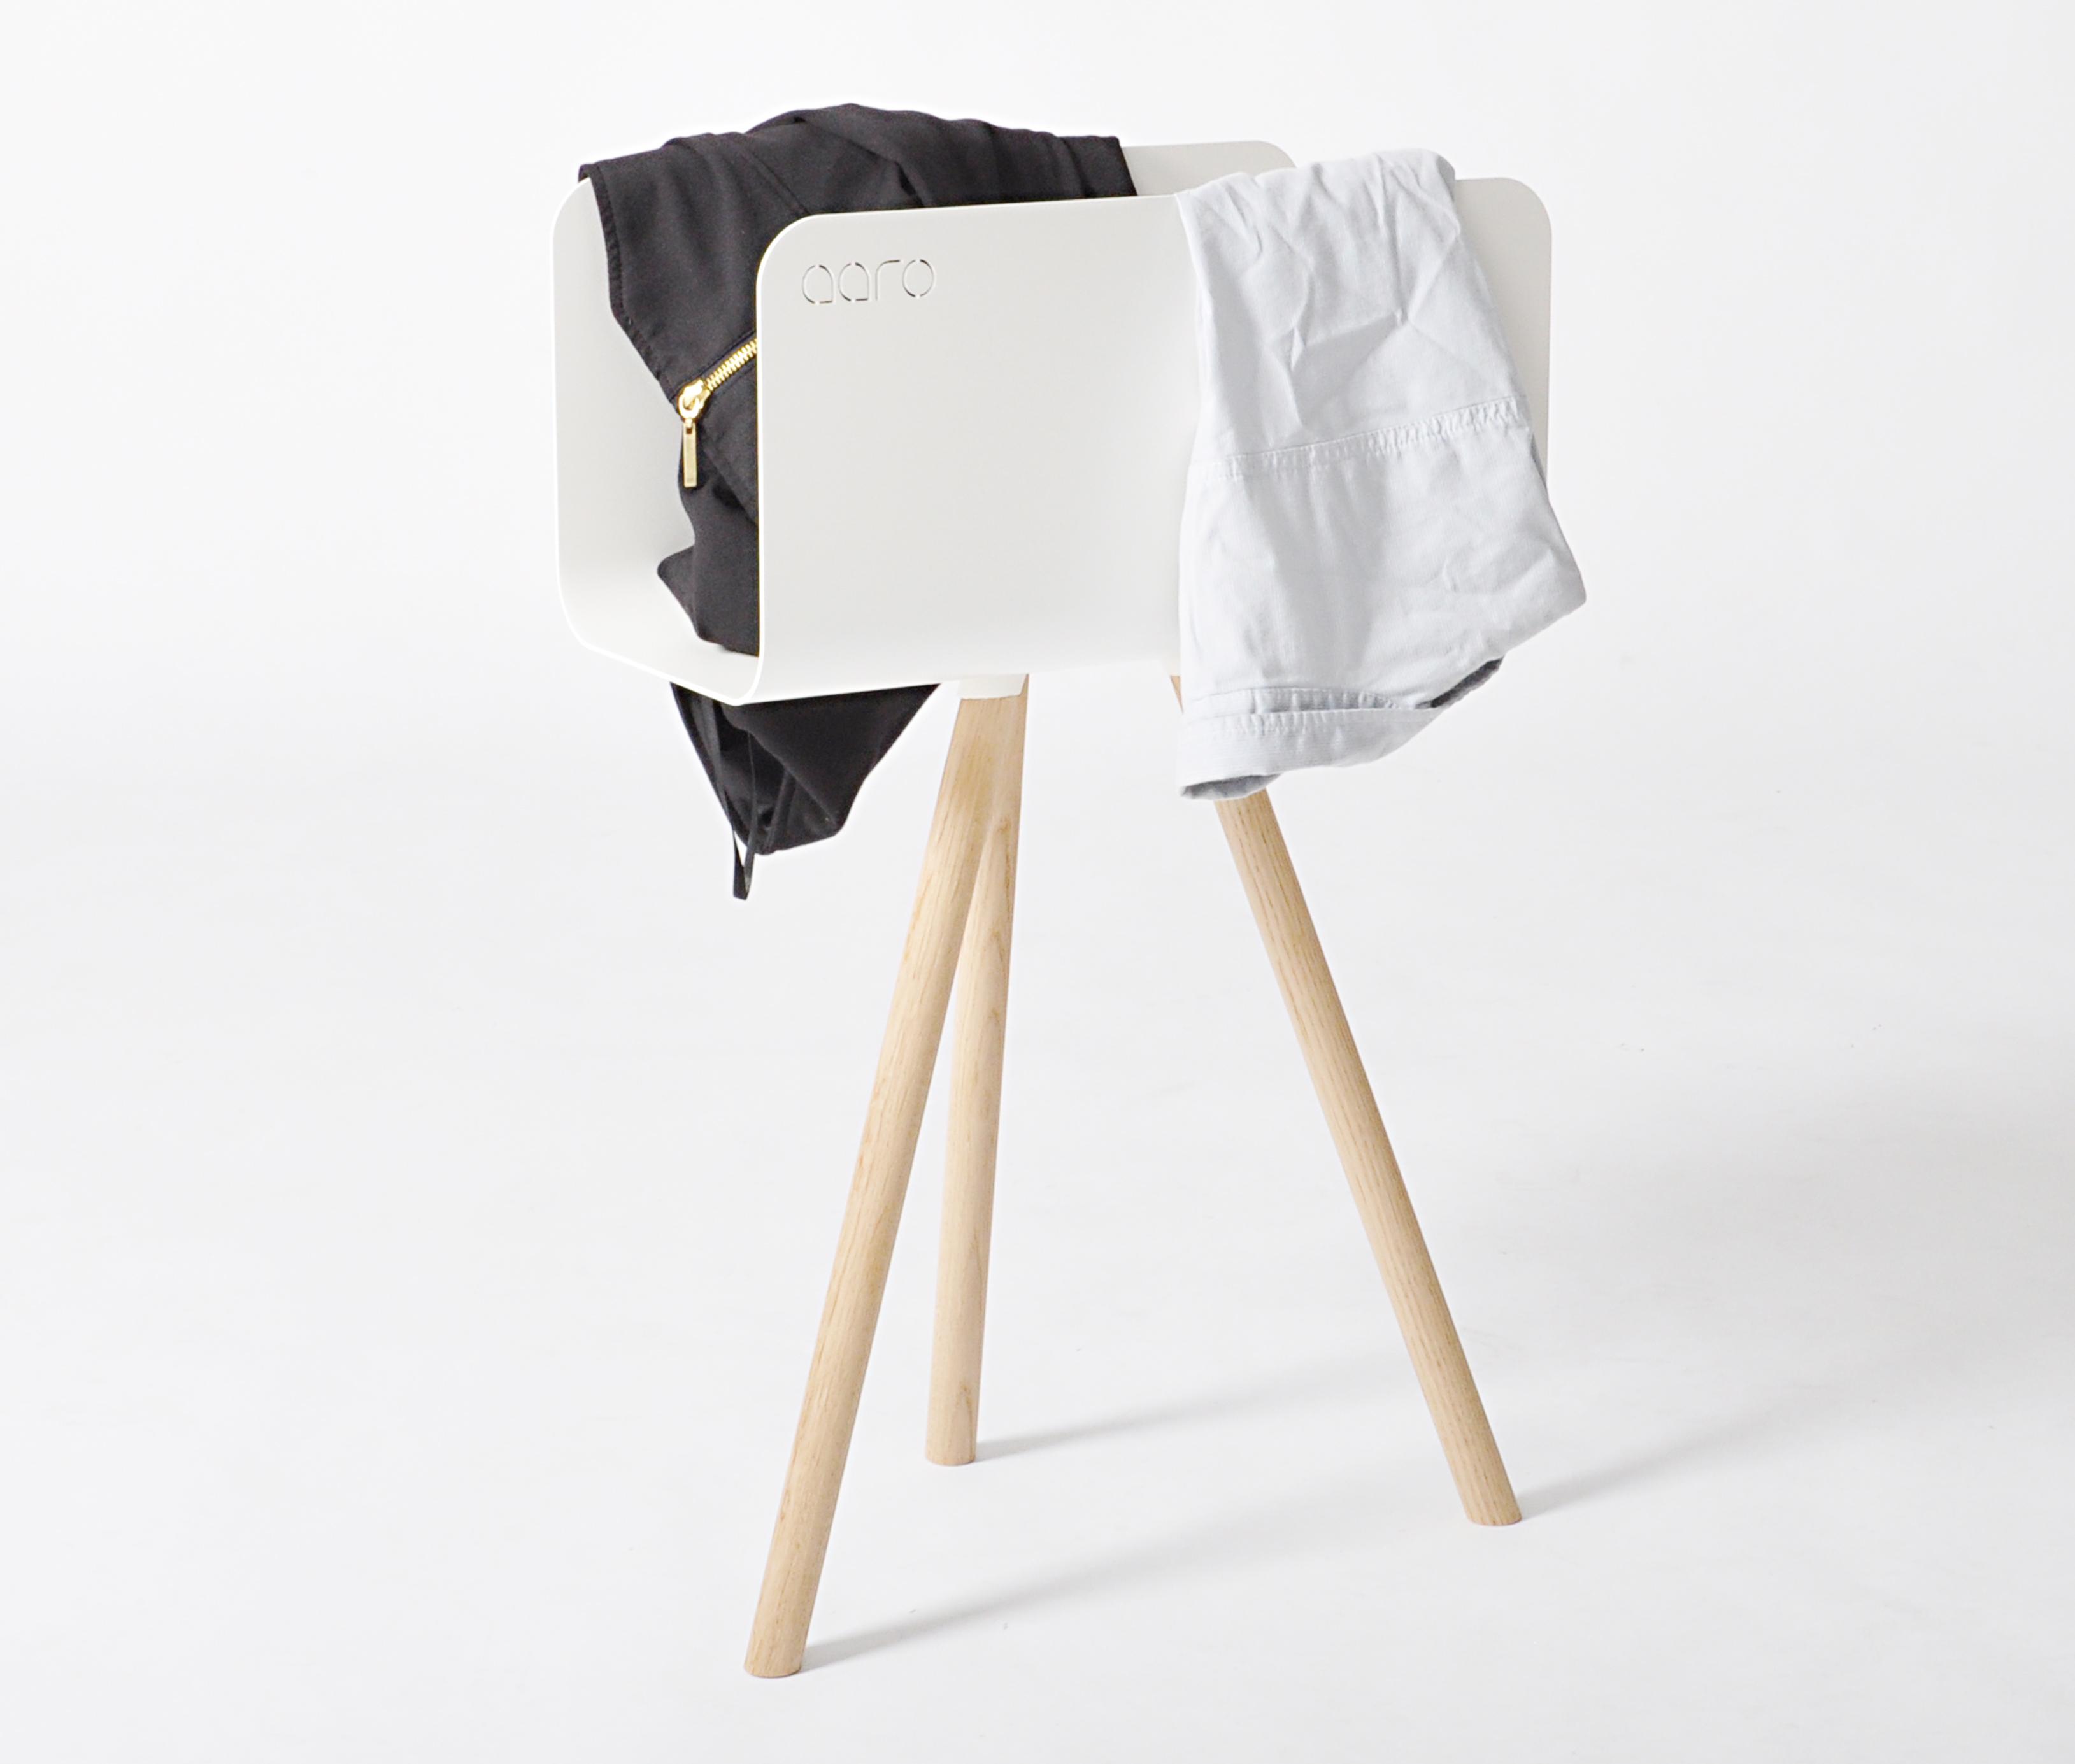 beh lter f r kaminholz tri mit bein schwarz nussbaum storage furniture tri with leg. Black Bedroom Furniture Sets. Home Design Ideas